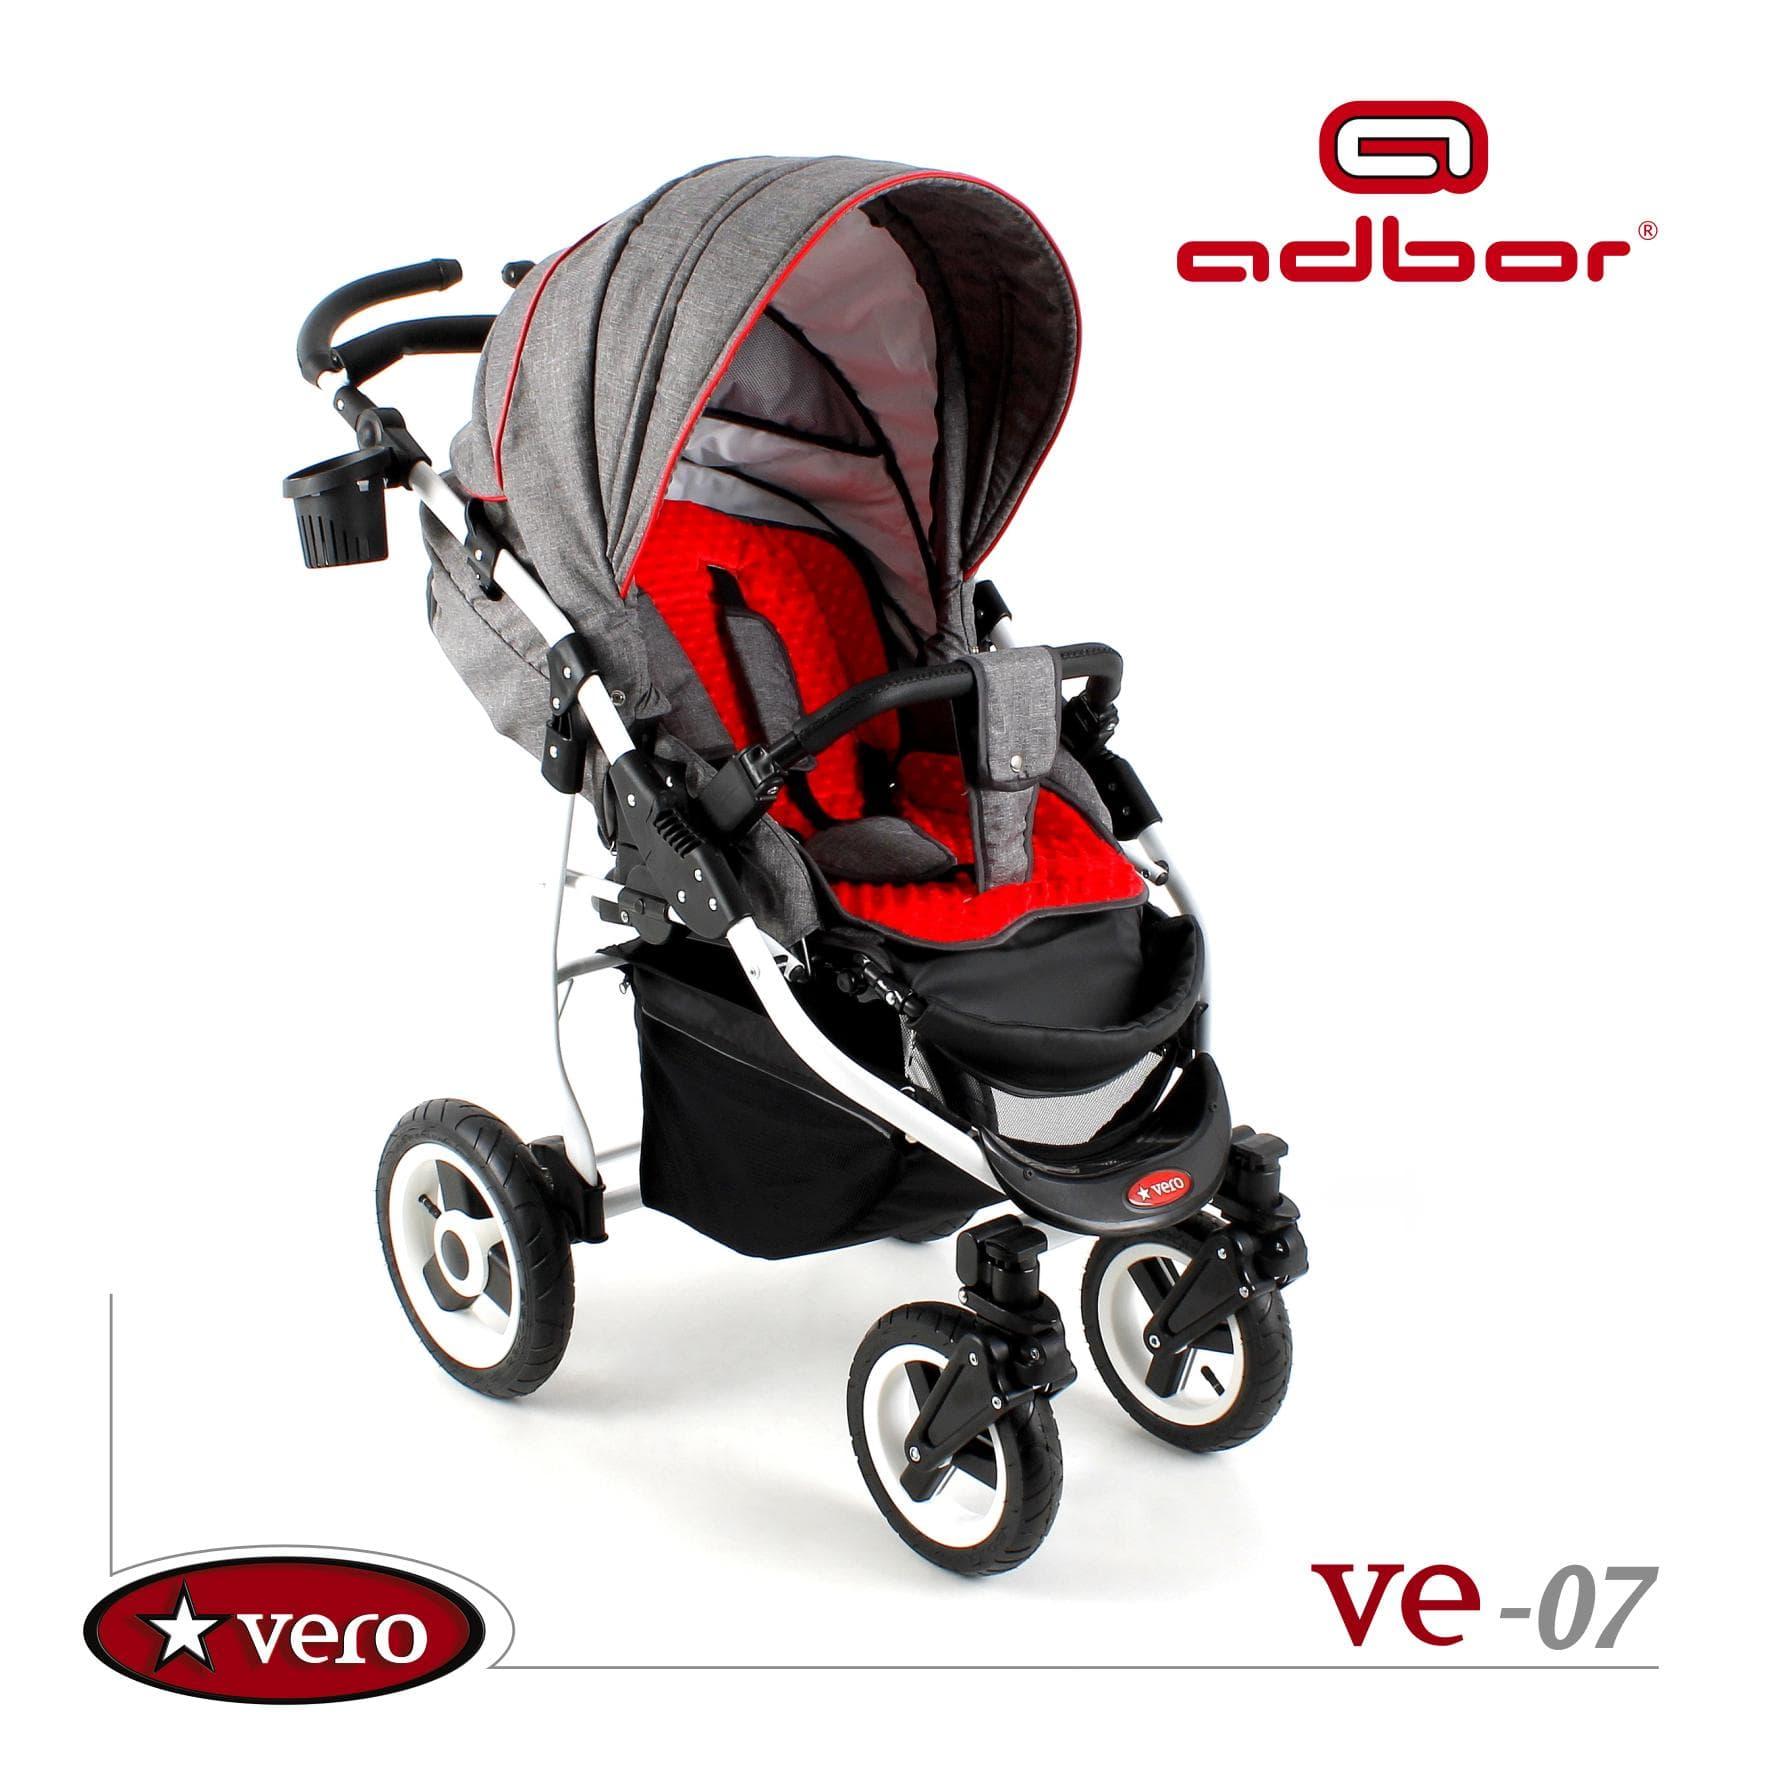 Бебешка комбинирана количка Vero:Ve07